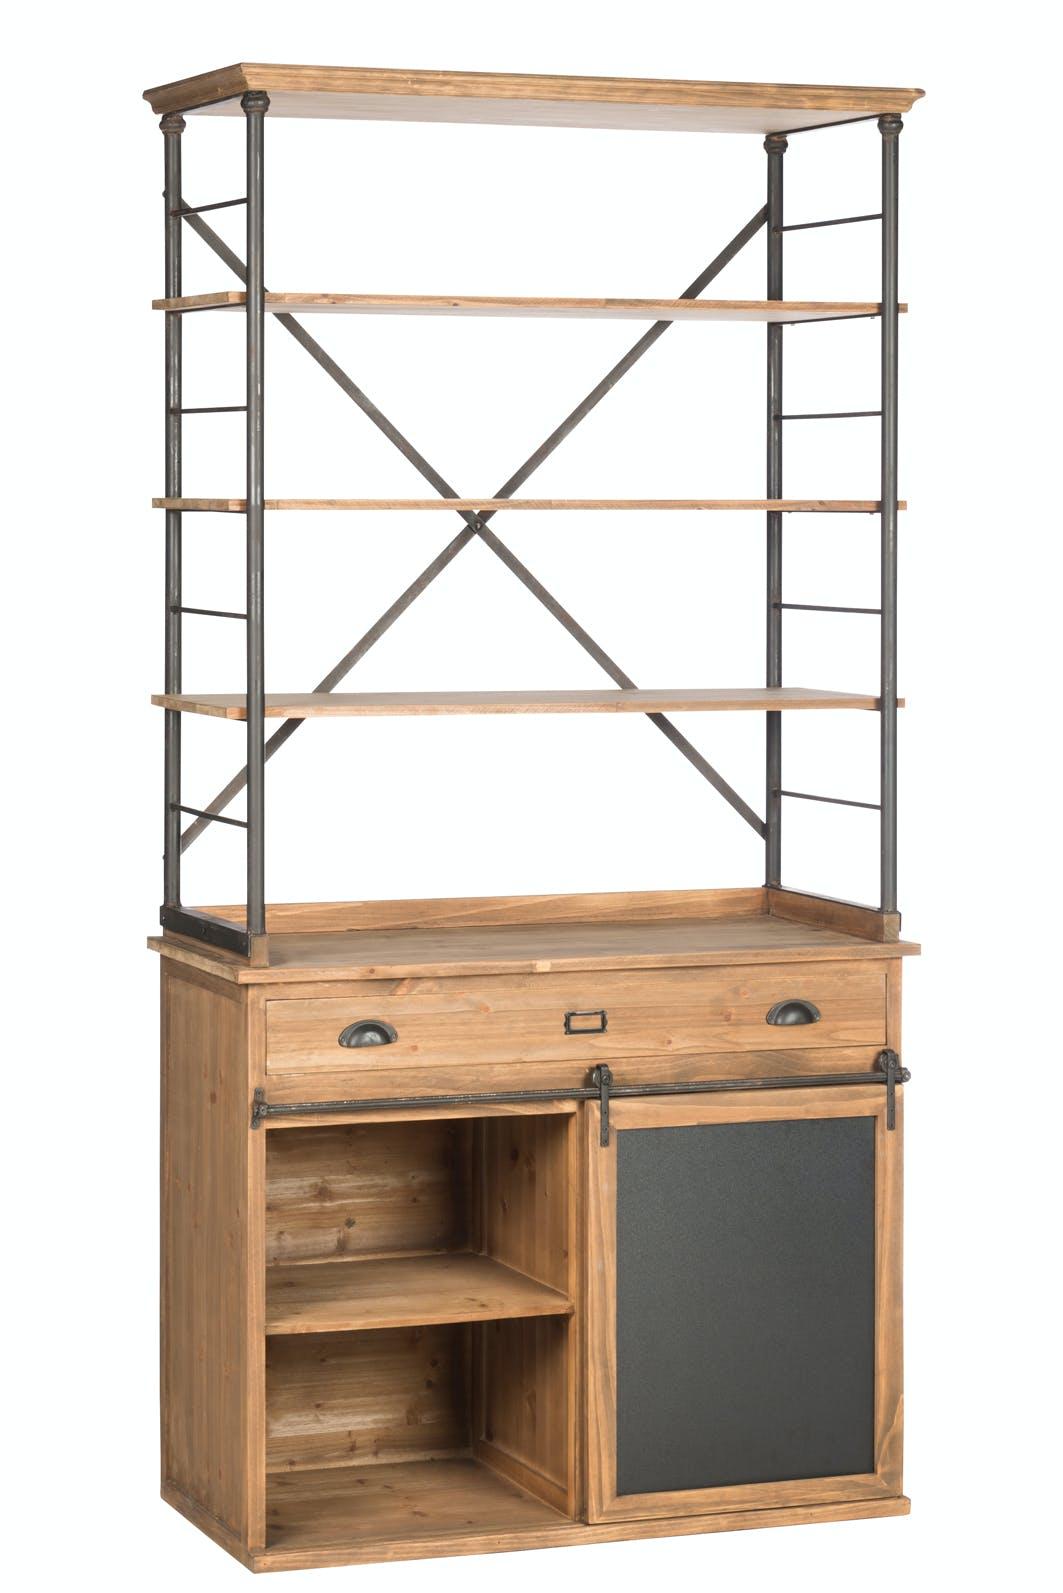 Bahut cuisine bois métal étagères et armoire 100x47x200 cm ref.30022871